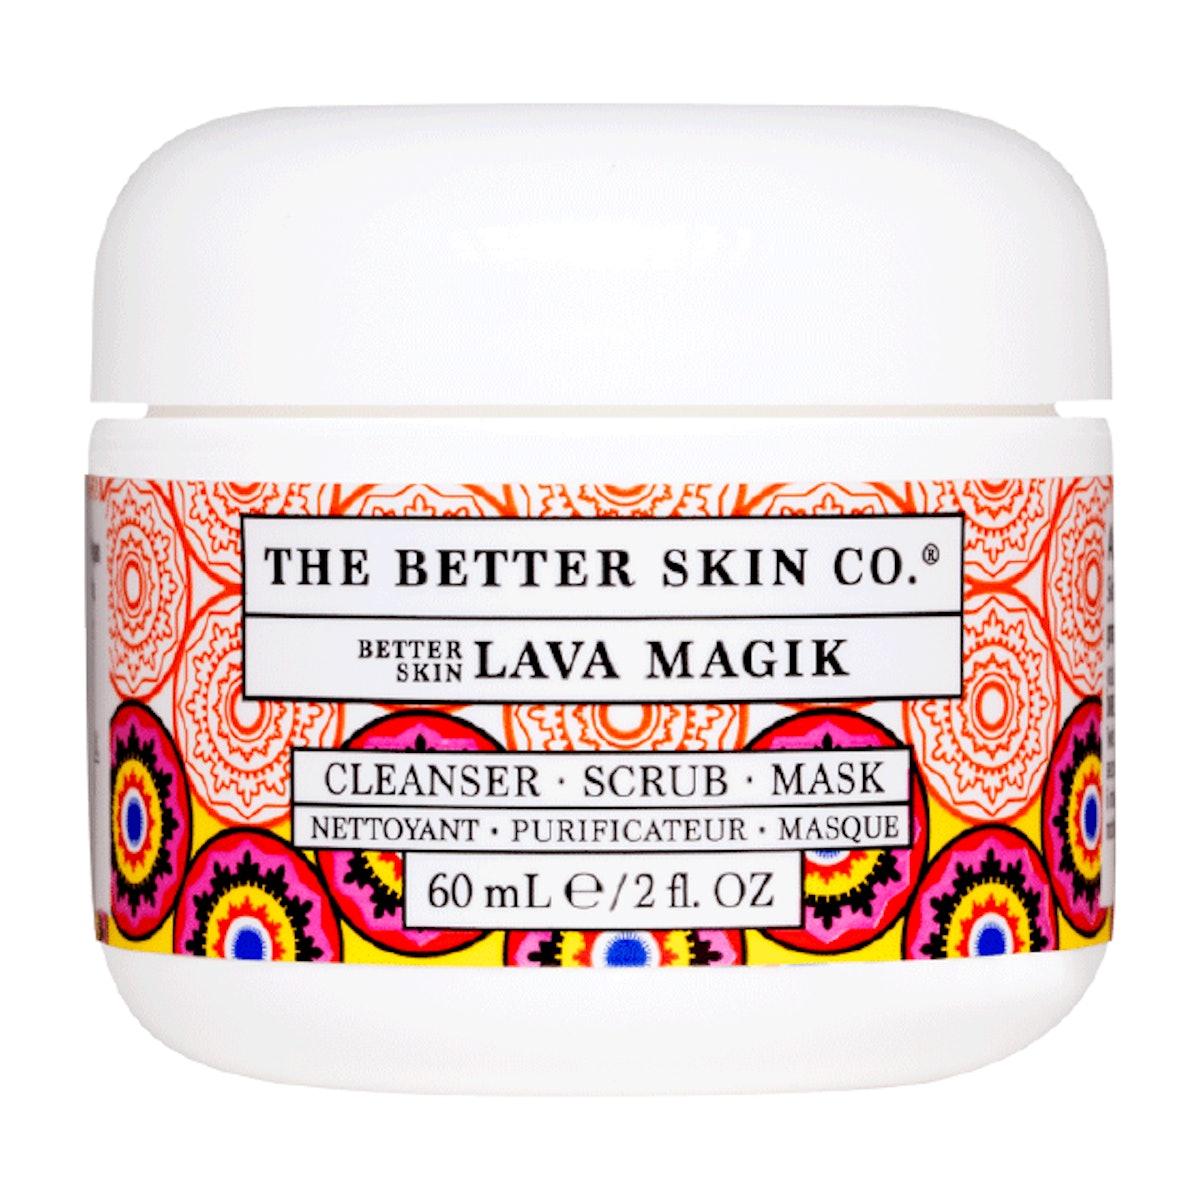 The Better Skin Co Better Skin Lava Magik